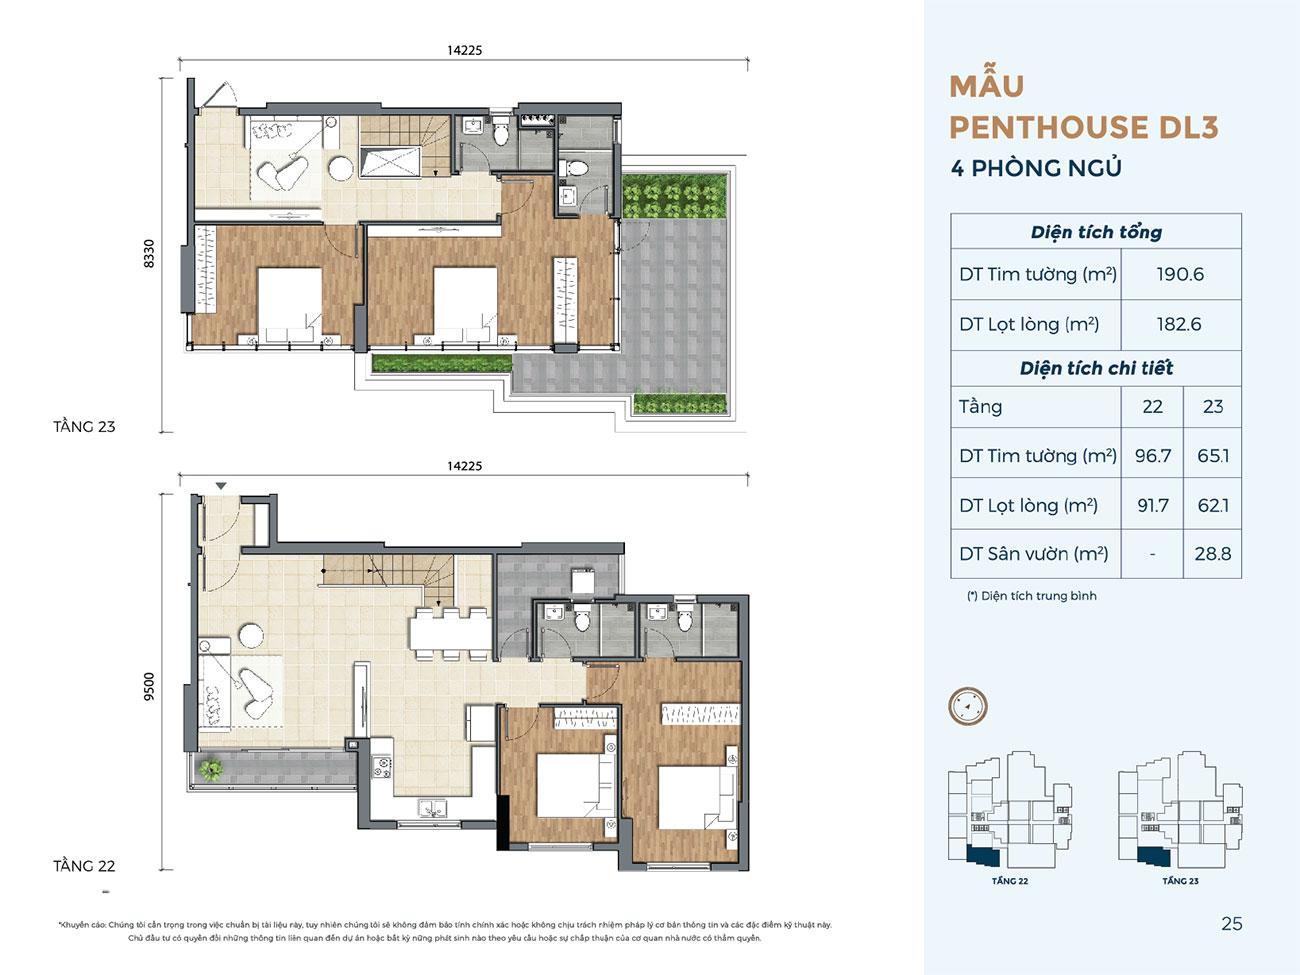 Thiết kế chi tiết dự án căn hộ chung cư Precia Quận 2 Đường Nguyễn Thị Định chủ đầu tư Minh Thông